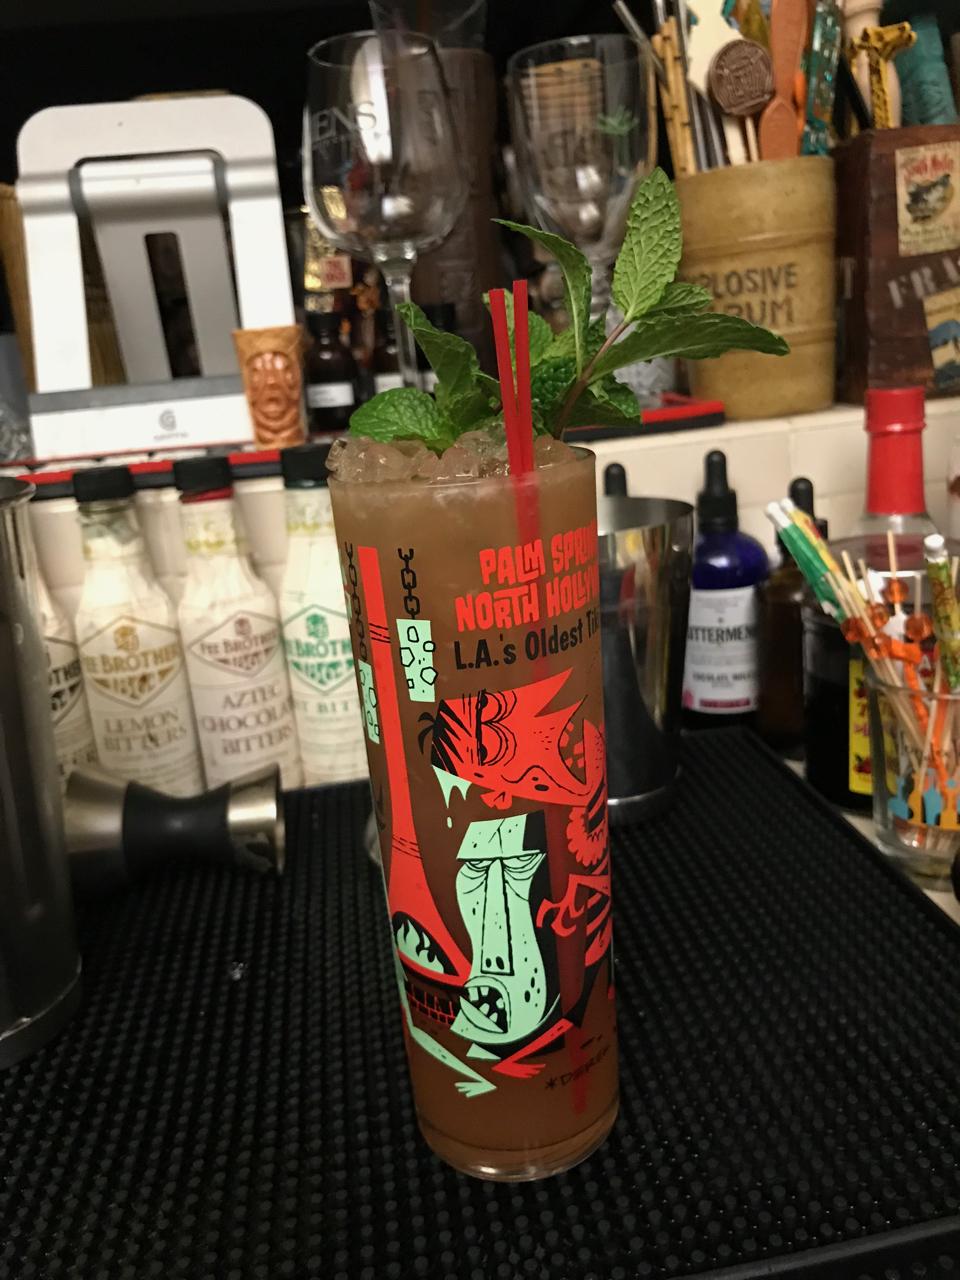 '34 Zombie in 2017 Tonga Hut Zombie glass.